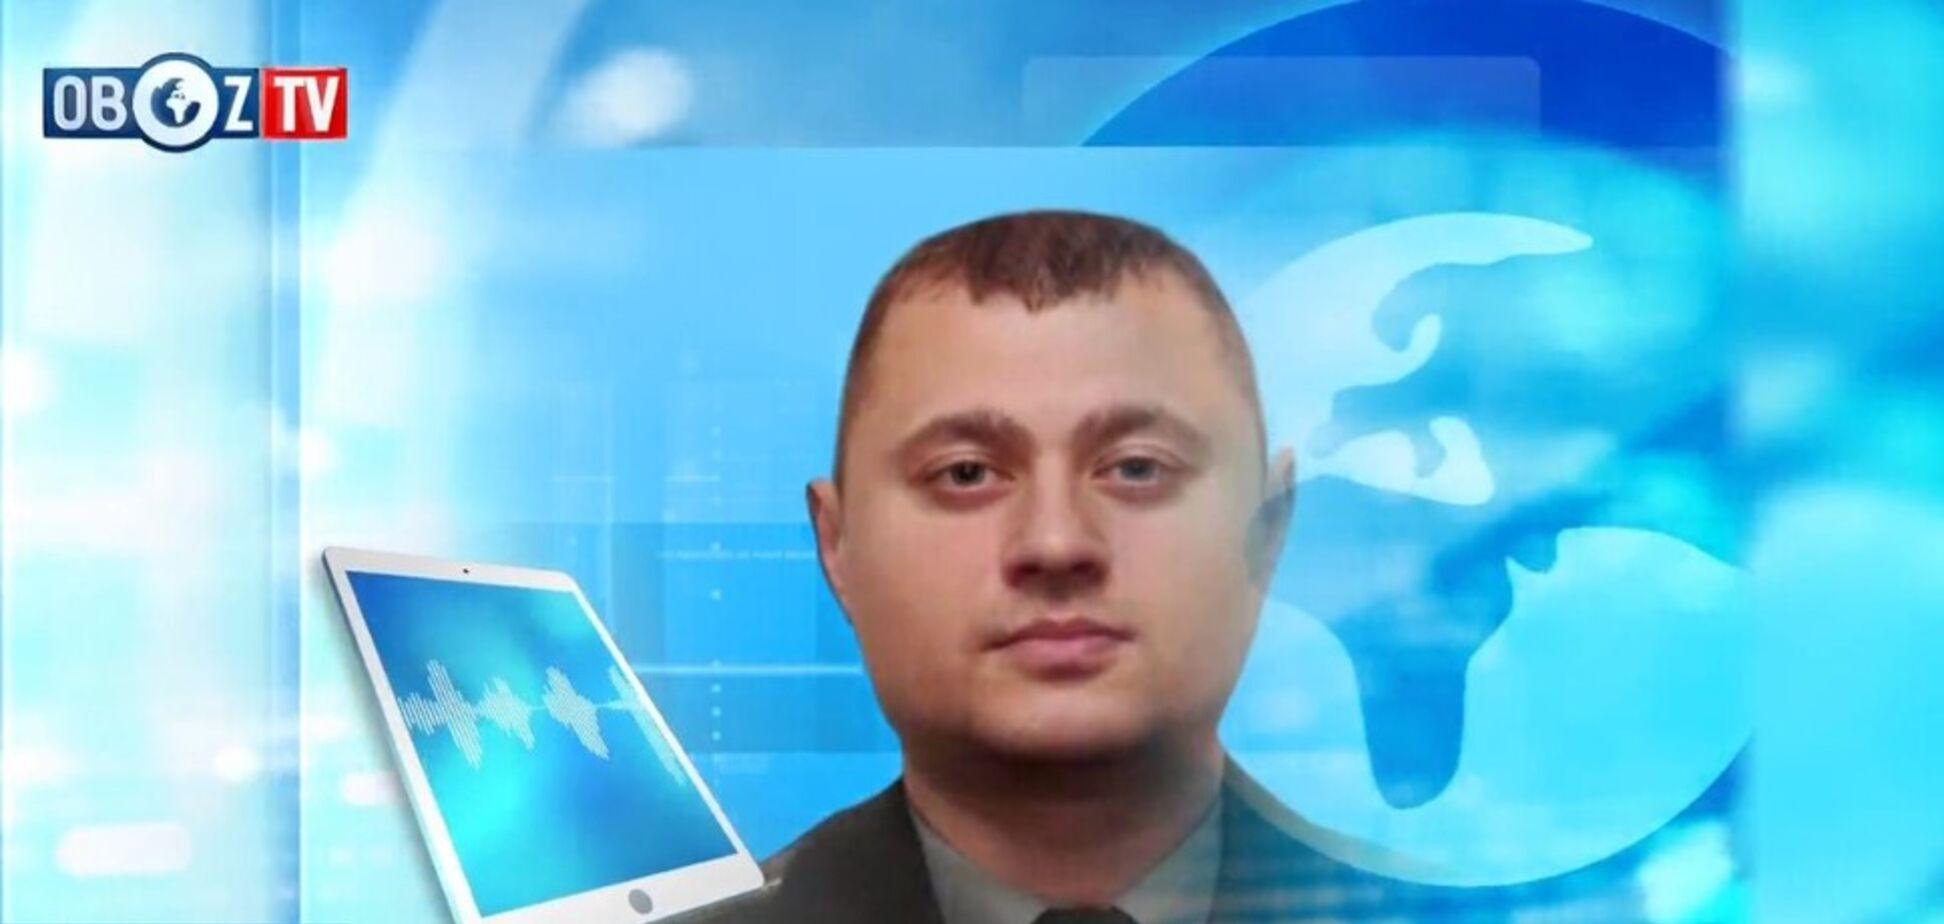 Ситуація на Донбасі стабілізувалася після розведення: офіцер ООС